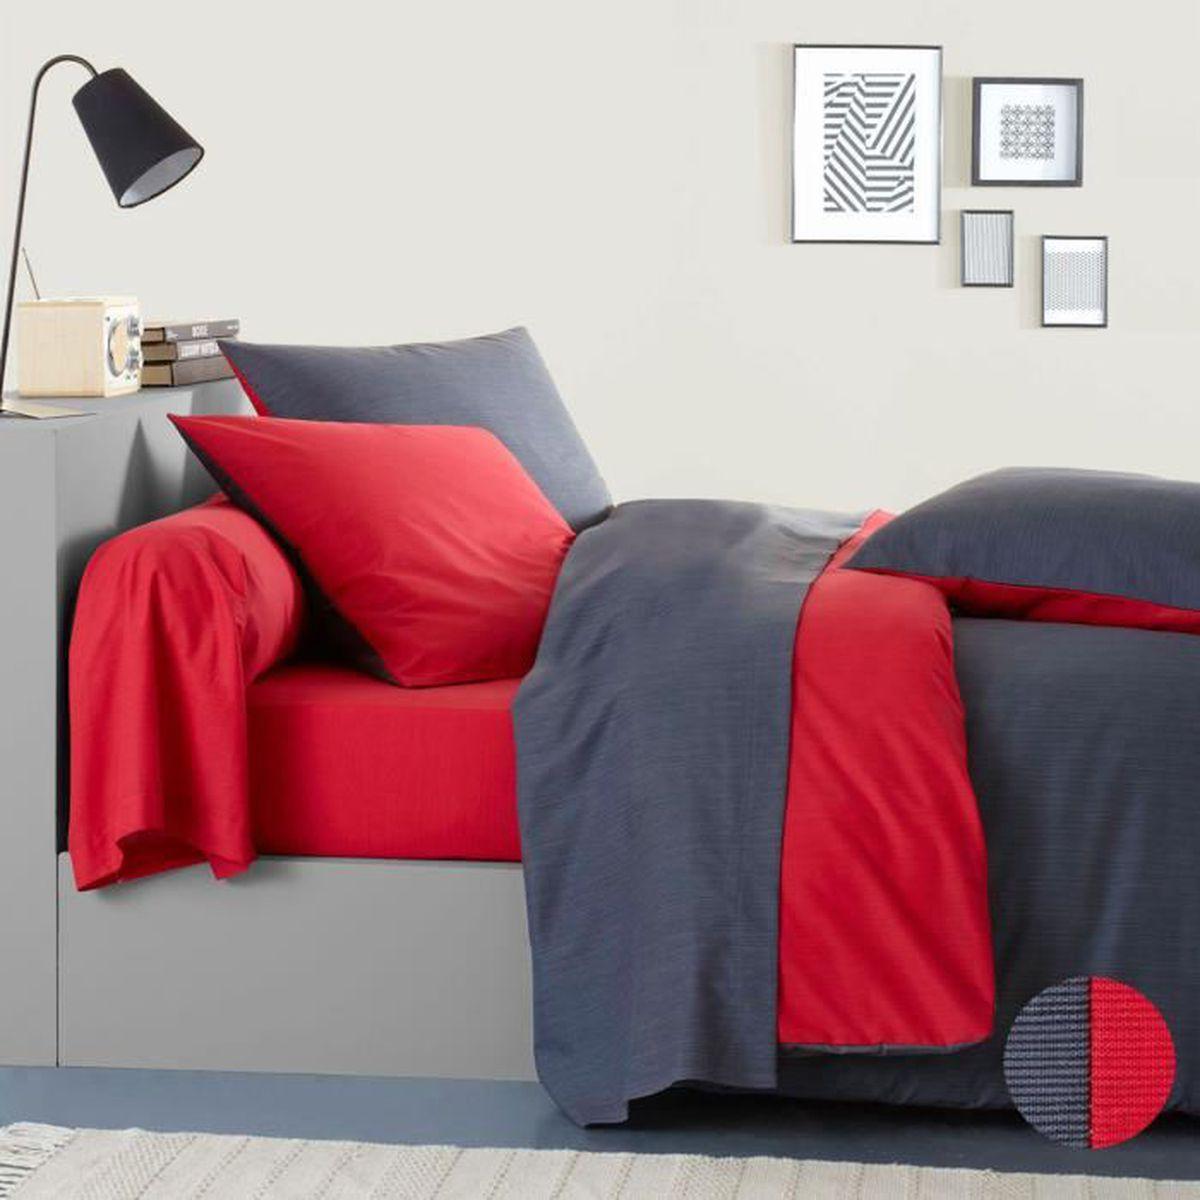 housse de couette gris et rouge achat vente pas cher. Black Bedroom Furniture Sets. Home Design Ideas